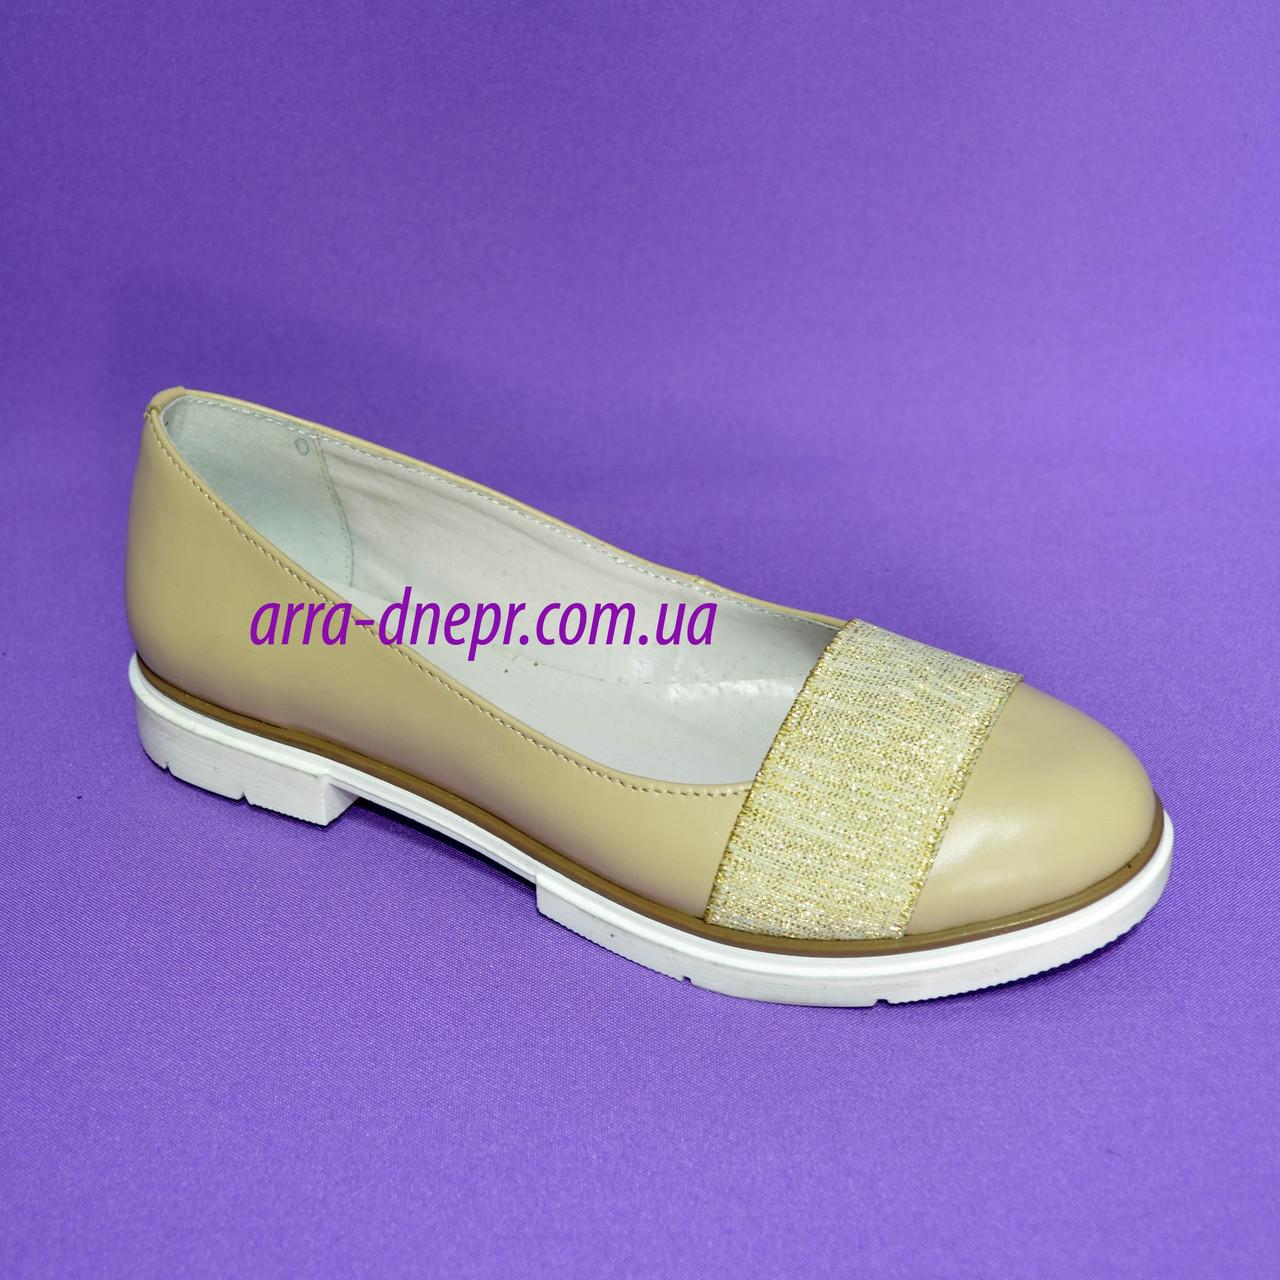 Женские кожаные бежевые туфли на утолщенной белой подошве